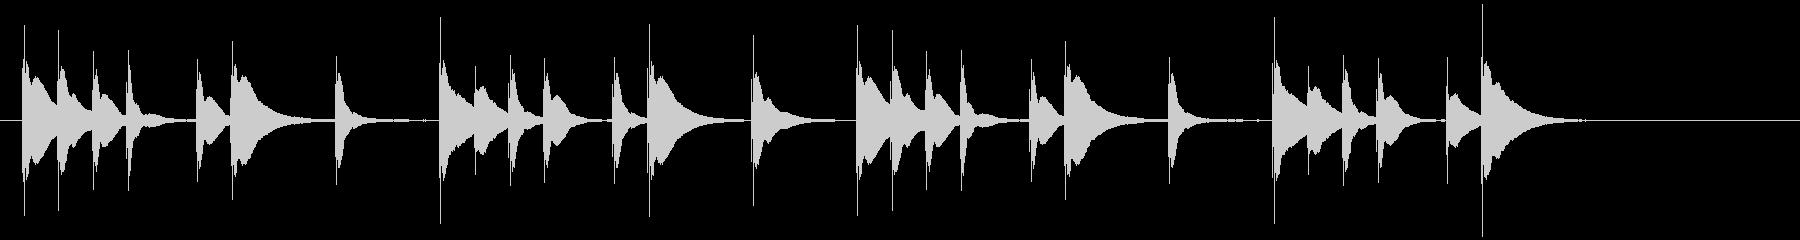 ほのぼのとした可愛らしい木琴のジングル1の未再生の波形